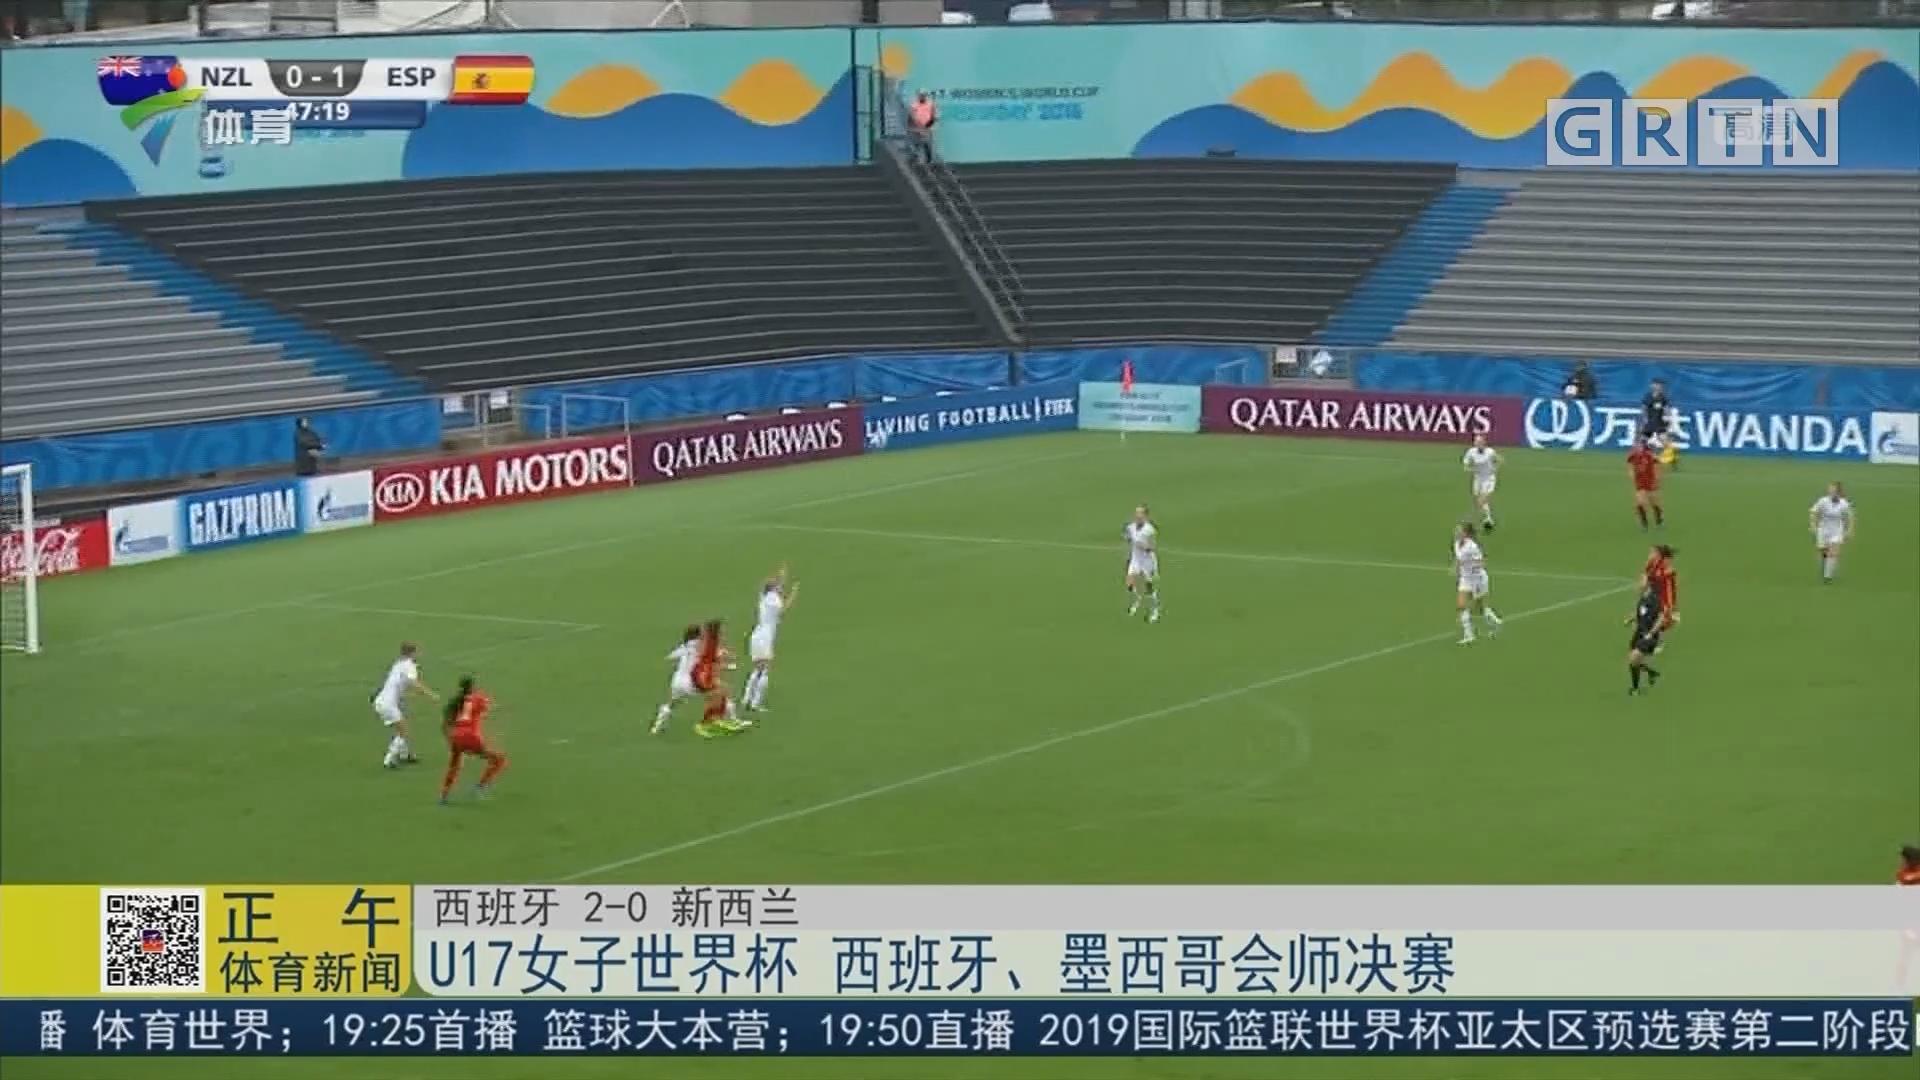 U17女子世界杯 西班牙、墨西哥会师决赛